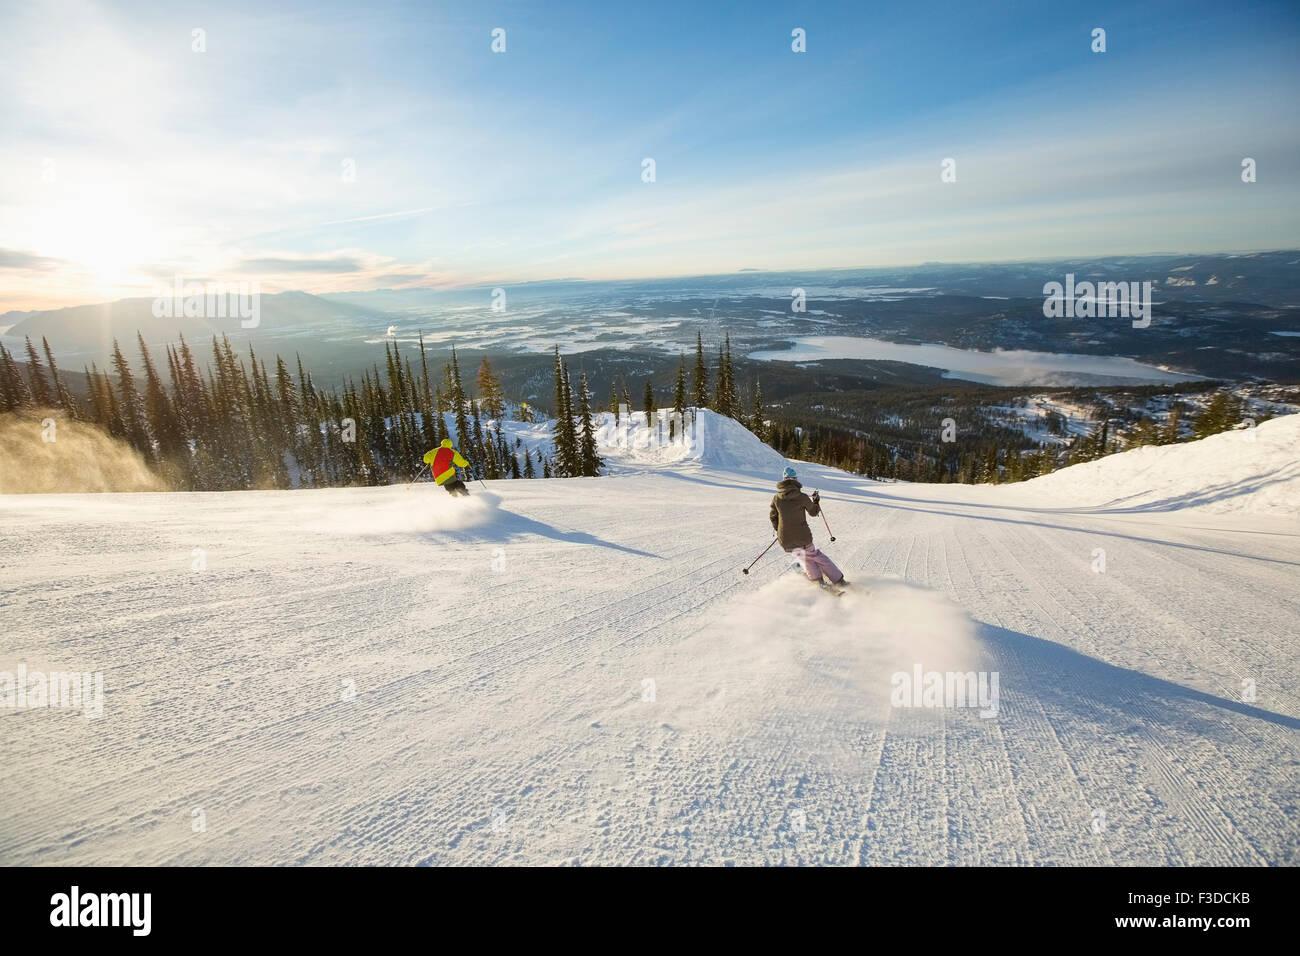 Zwei Personen auf der Skipiste im Sonnenlicht Stockbild